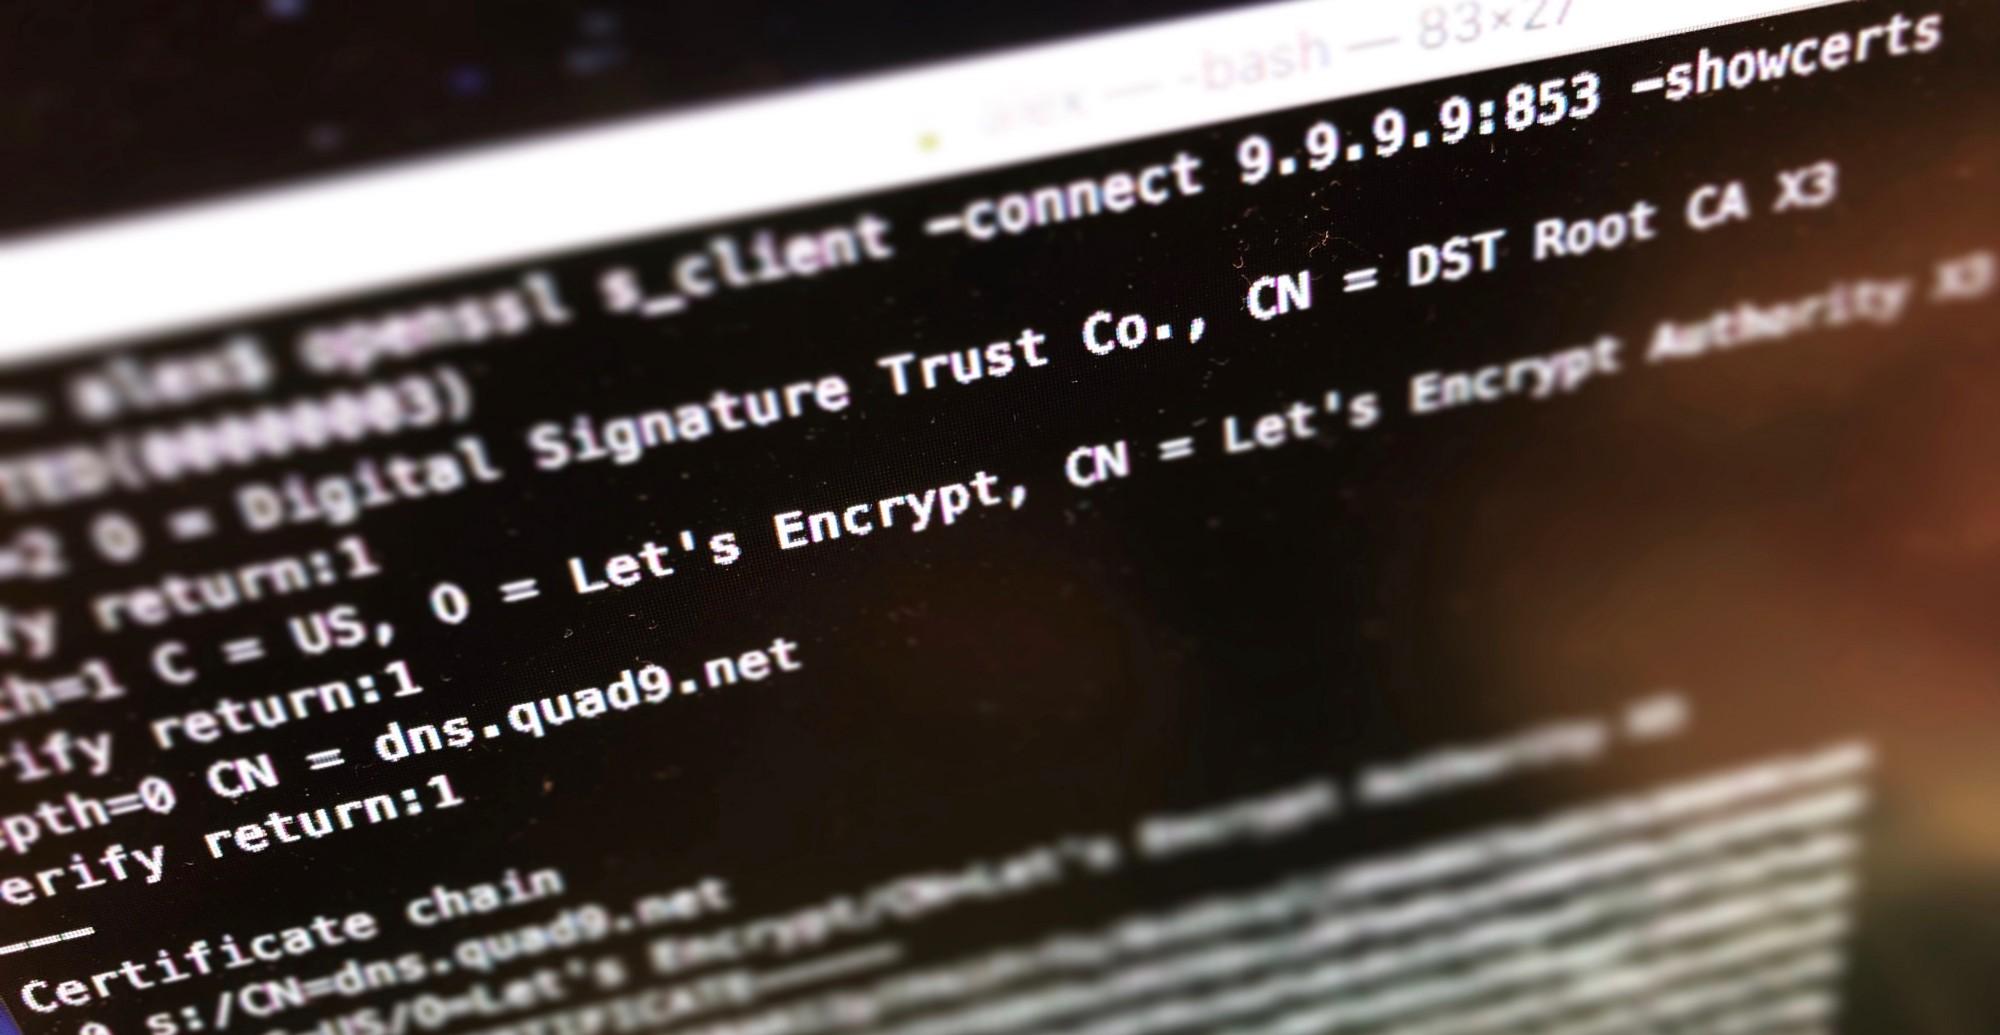 تصویر از تاریخچه و آینده امنیت DNS